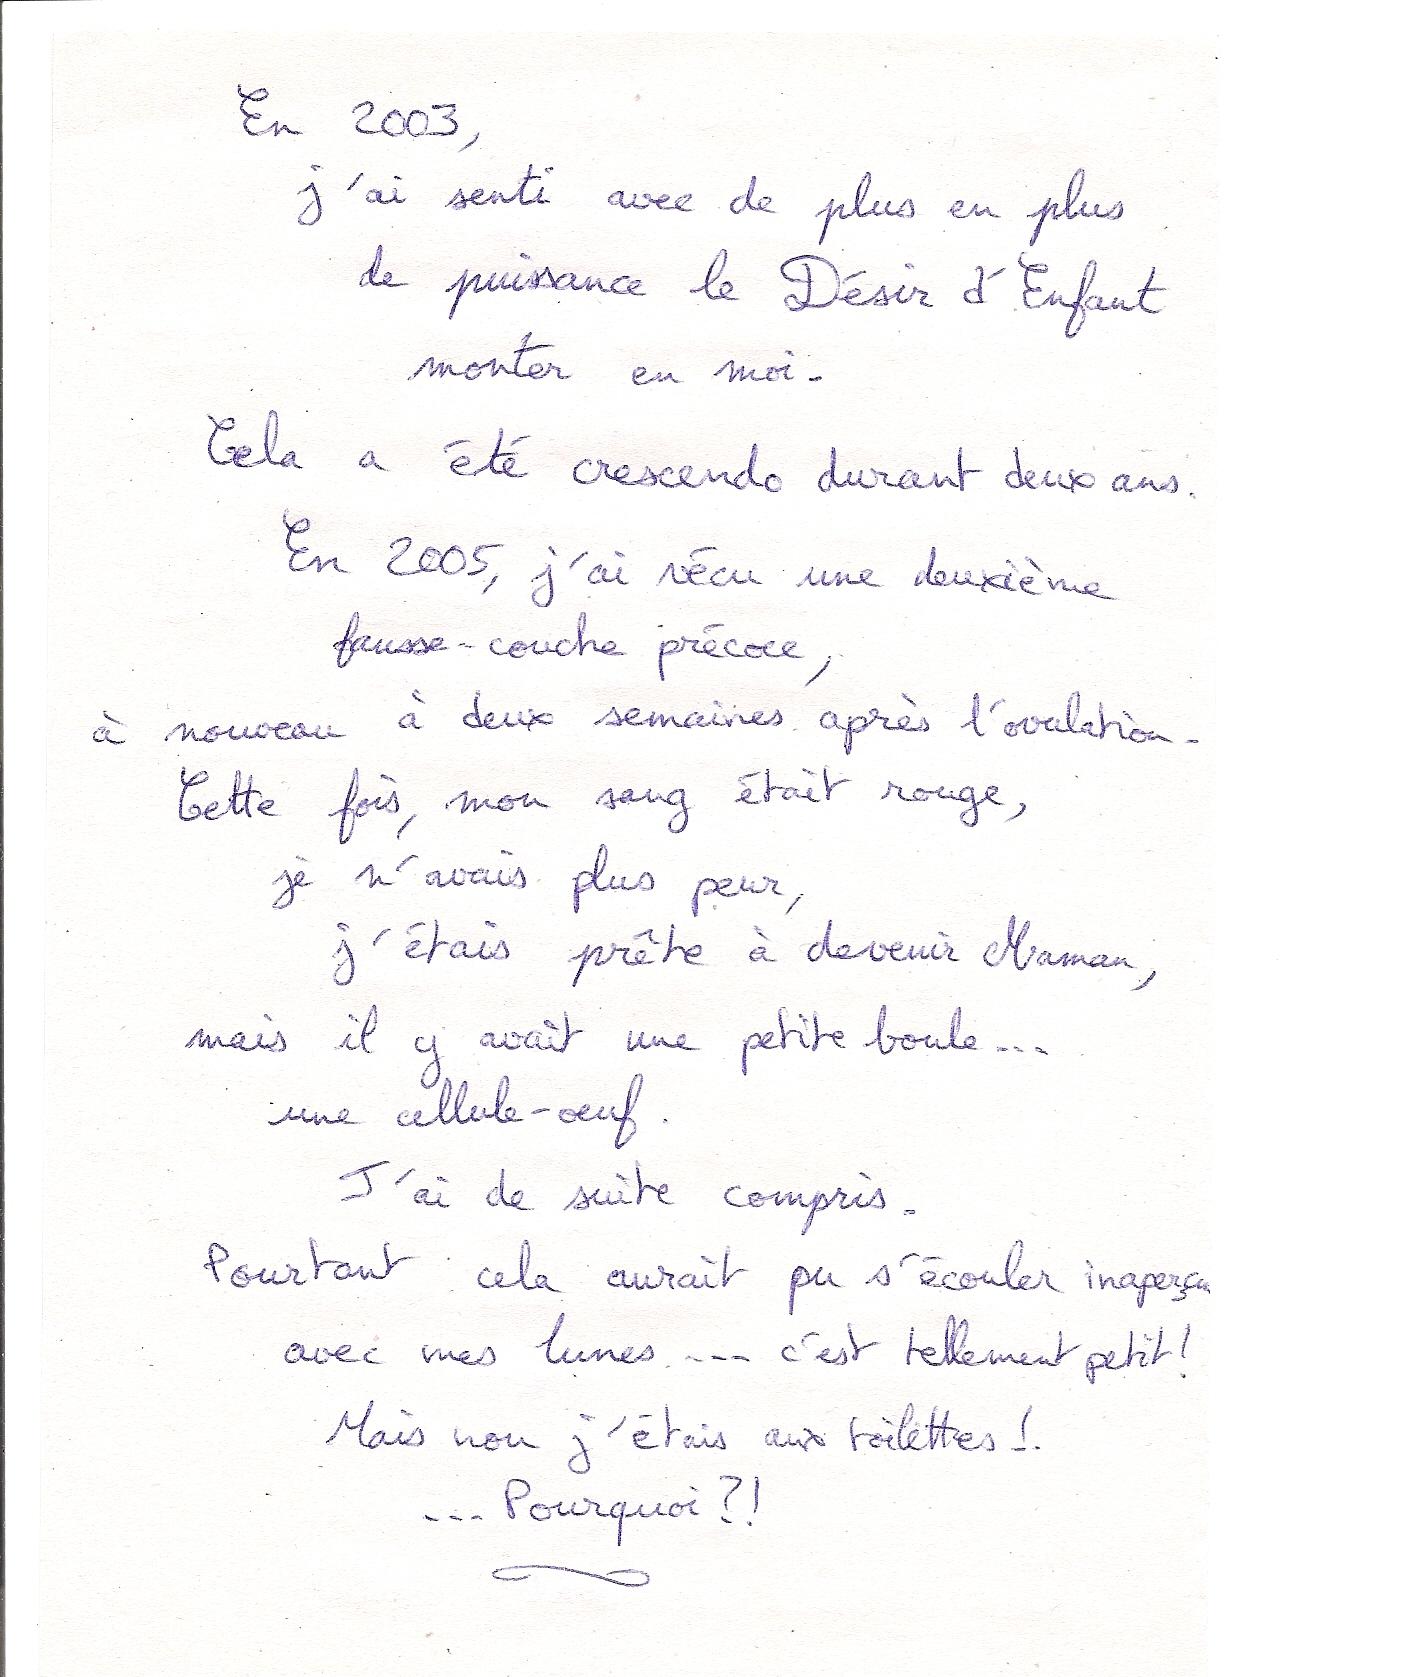 délicate-decision-IV-4